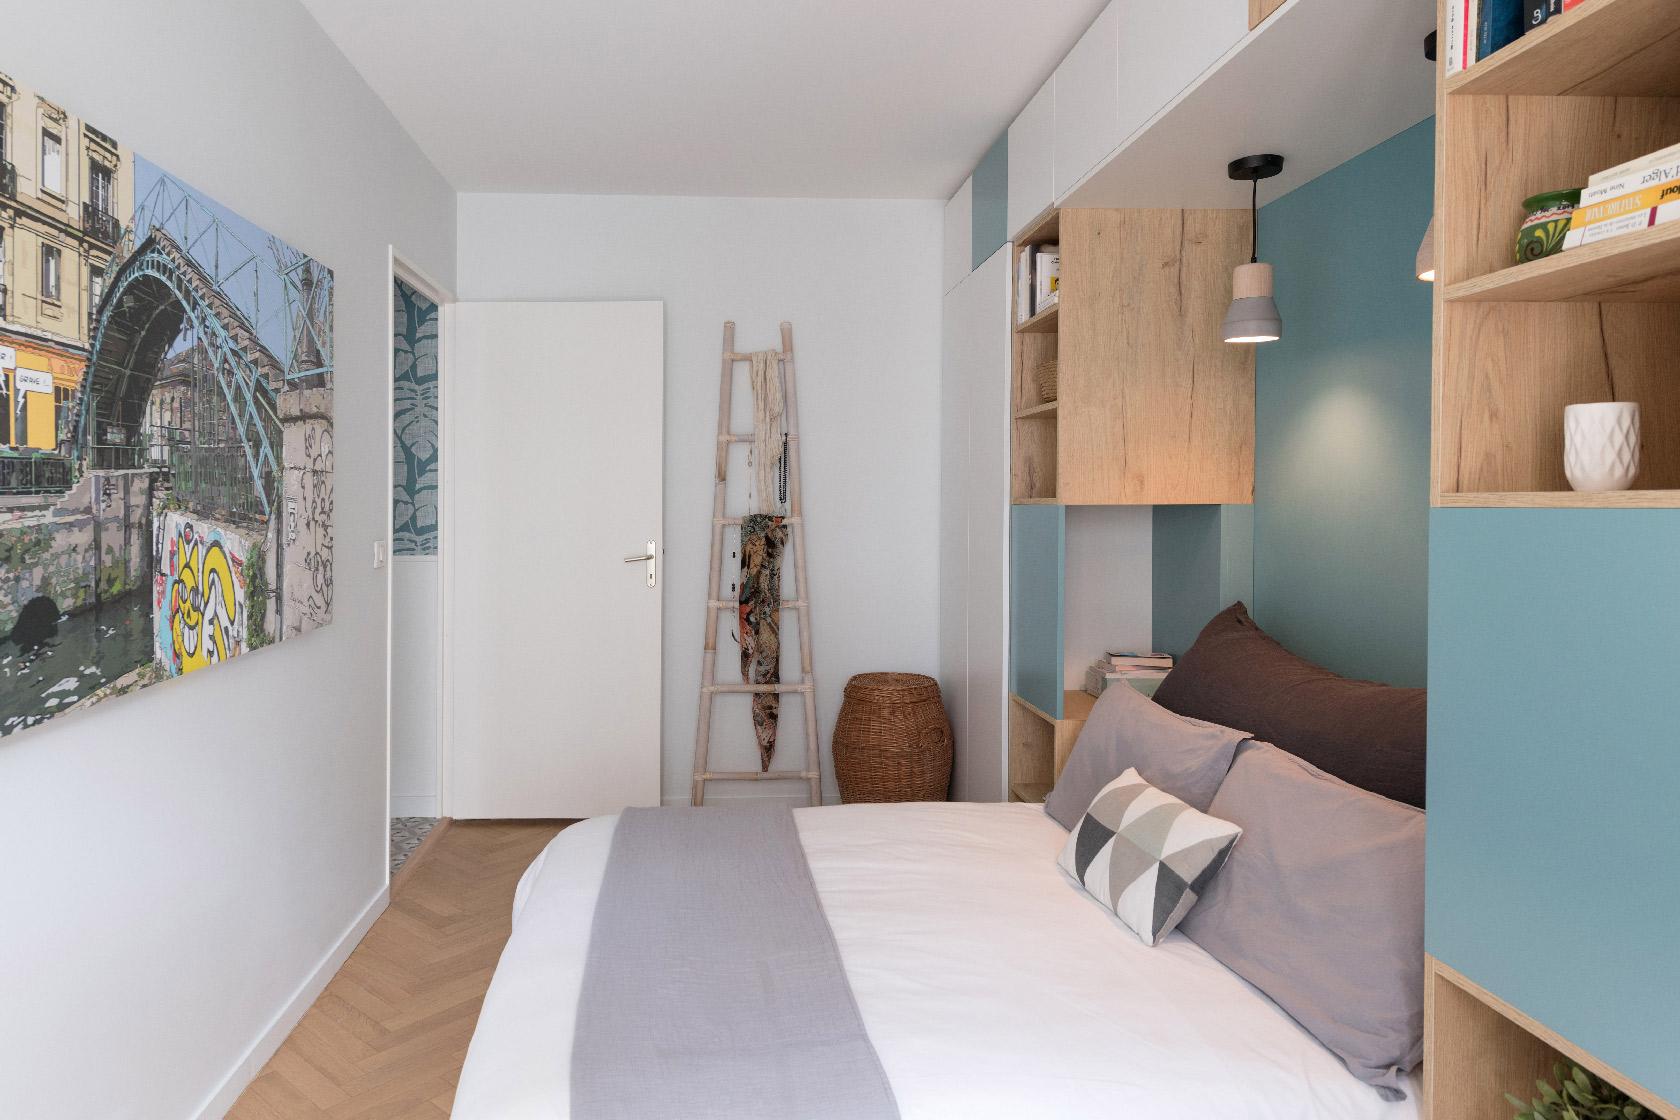 Un lit point blanc, bleu et bois accueille un un dressing, des étagères, deux chevets, deux suspensions. Le lit en 140 cm est orné de draps de lin et d'un coussin de corps gris et blanc.